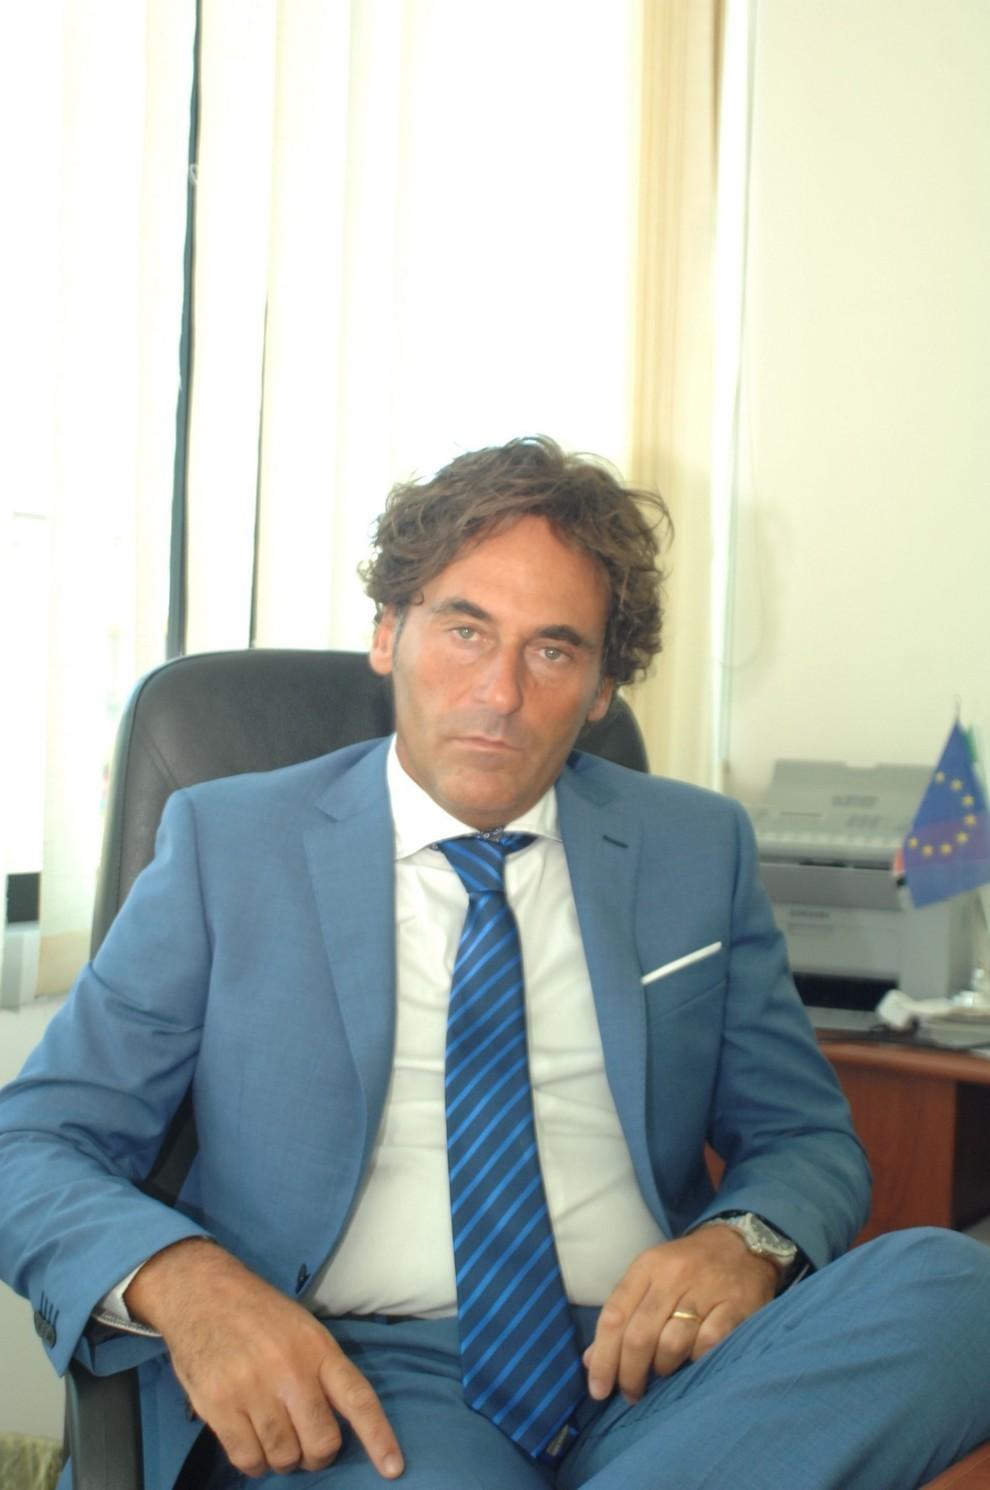 La Procura chiede l'arresto in carcere per l'ex assessore Pasqualini